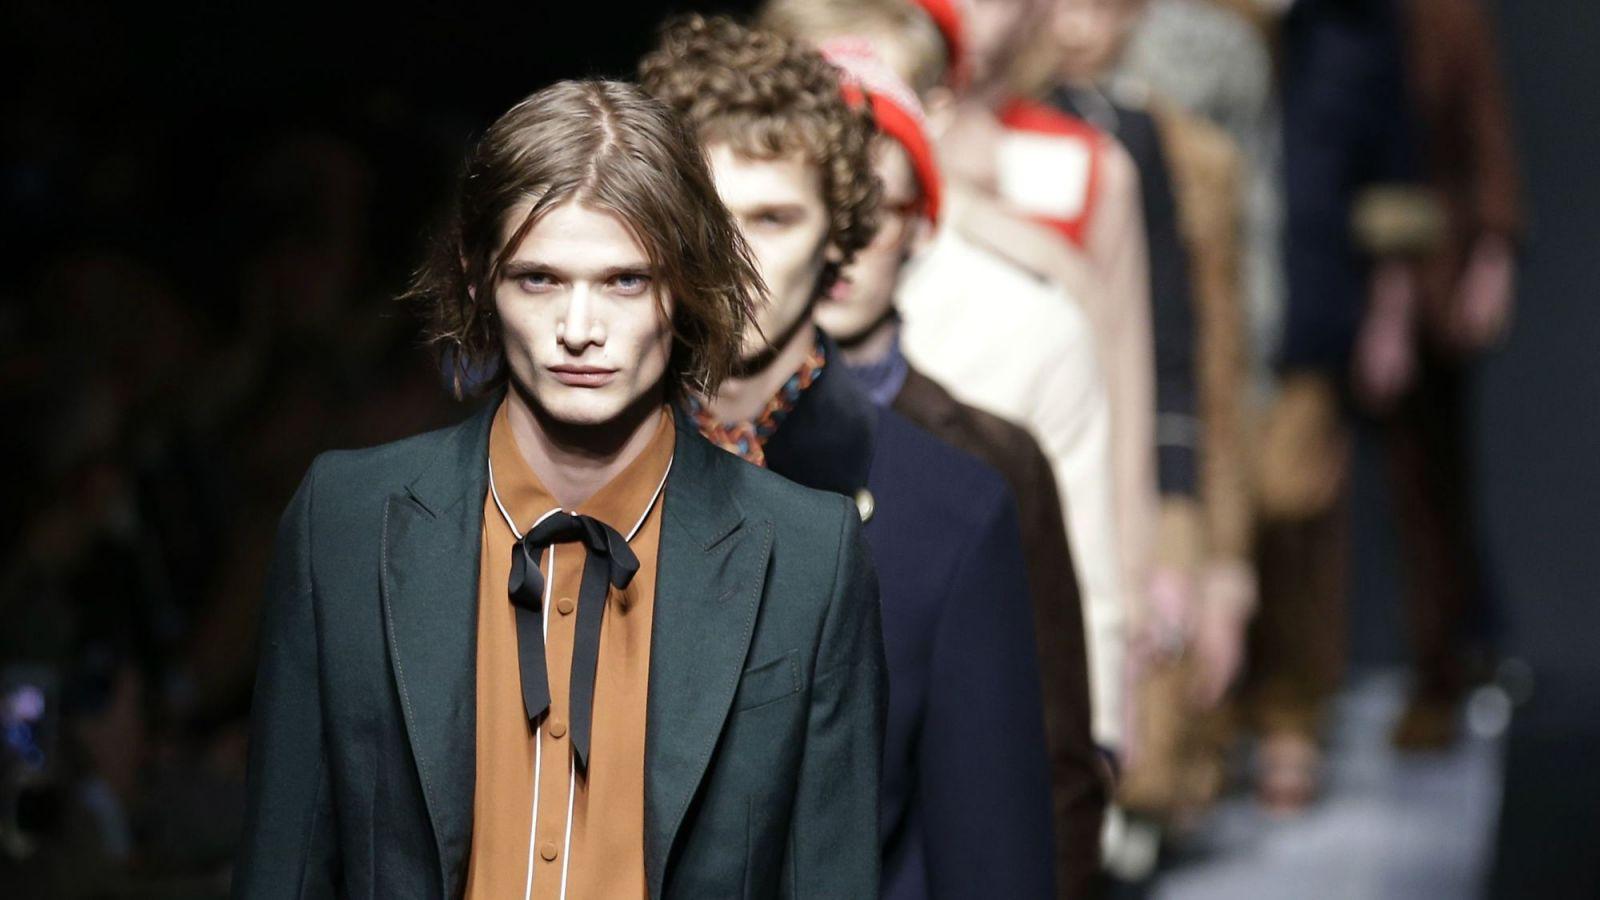 Каждой по Брэду: как одеть мужчину в стиле Брэда Питта